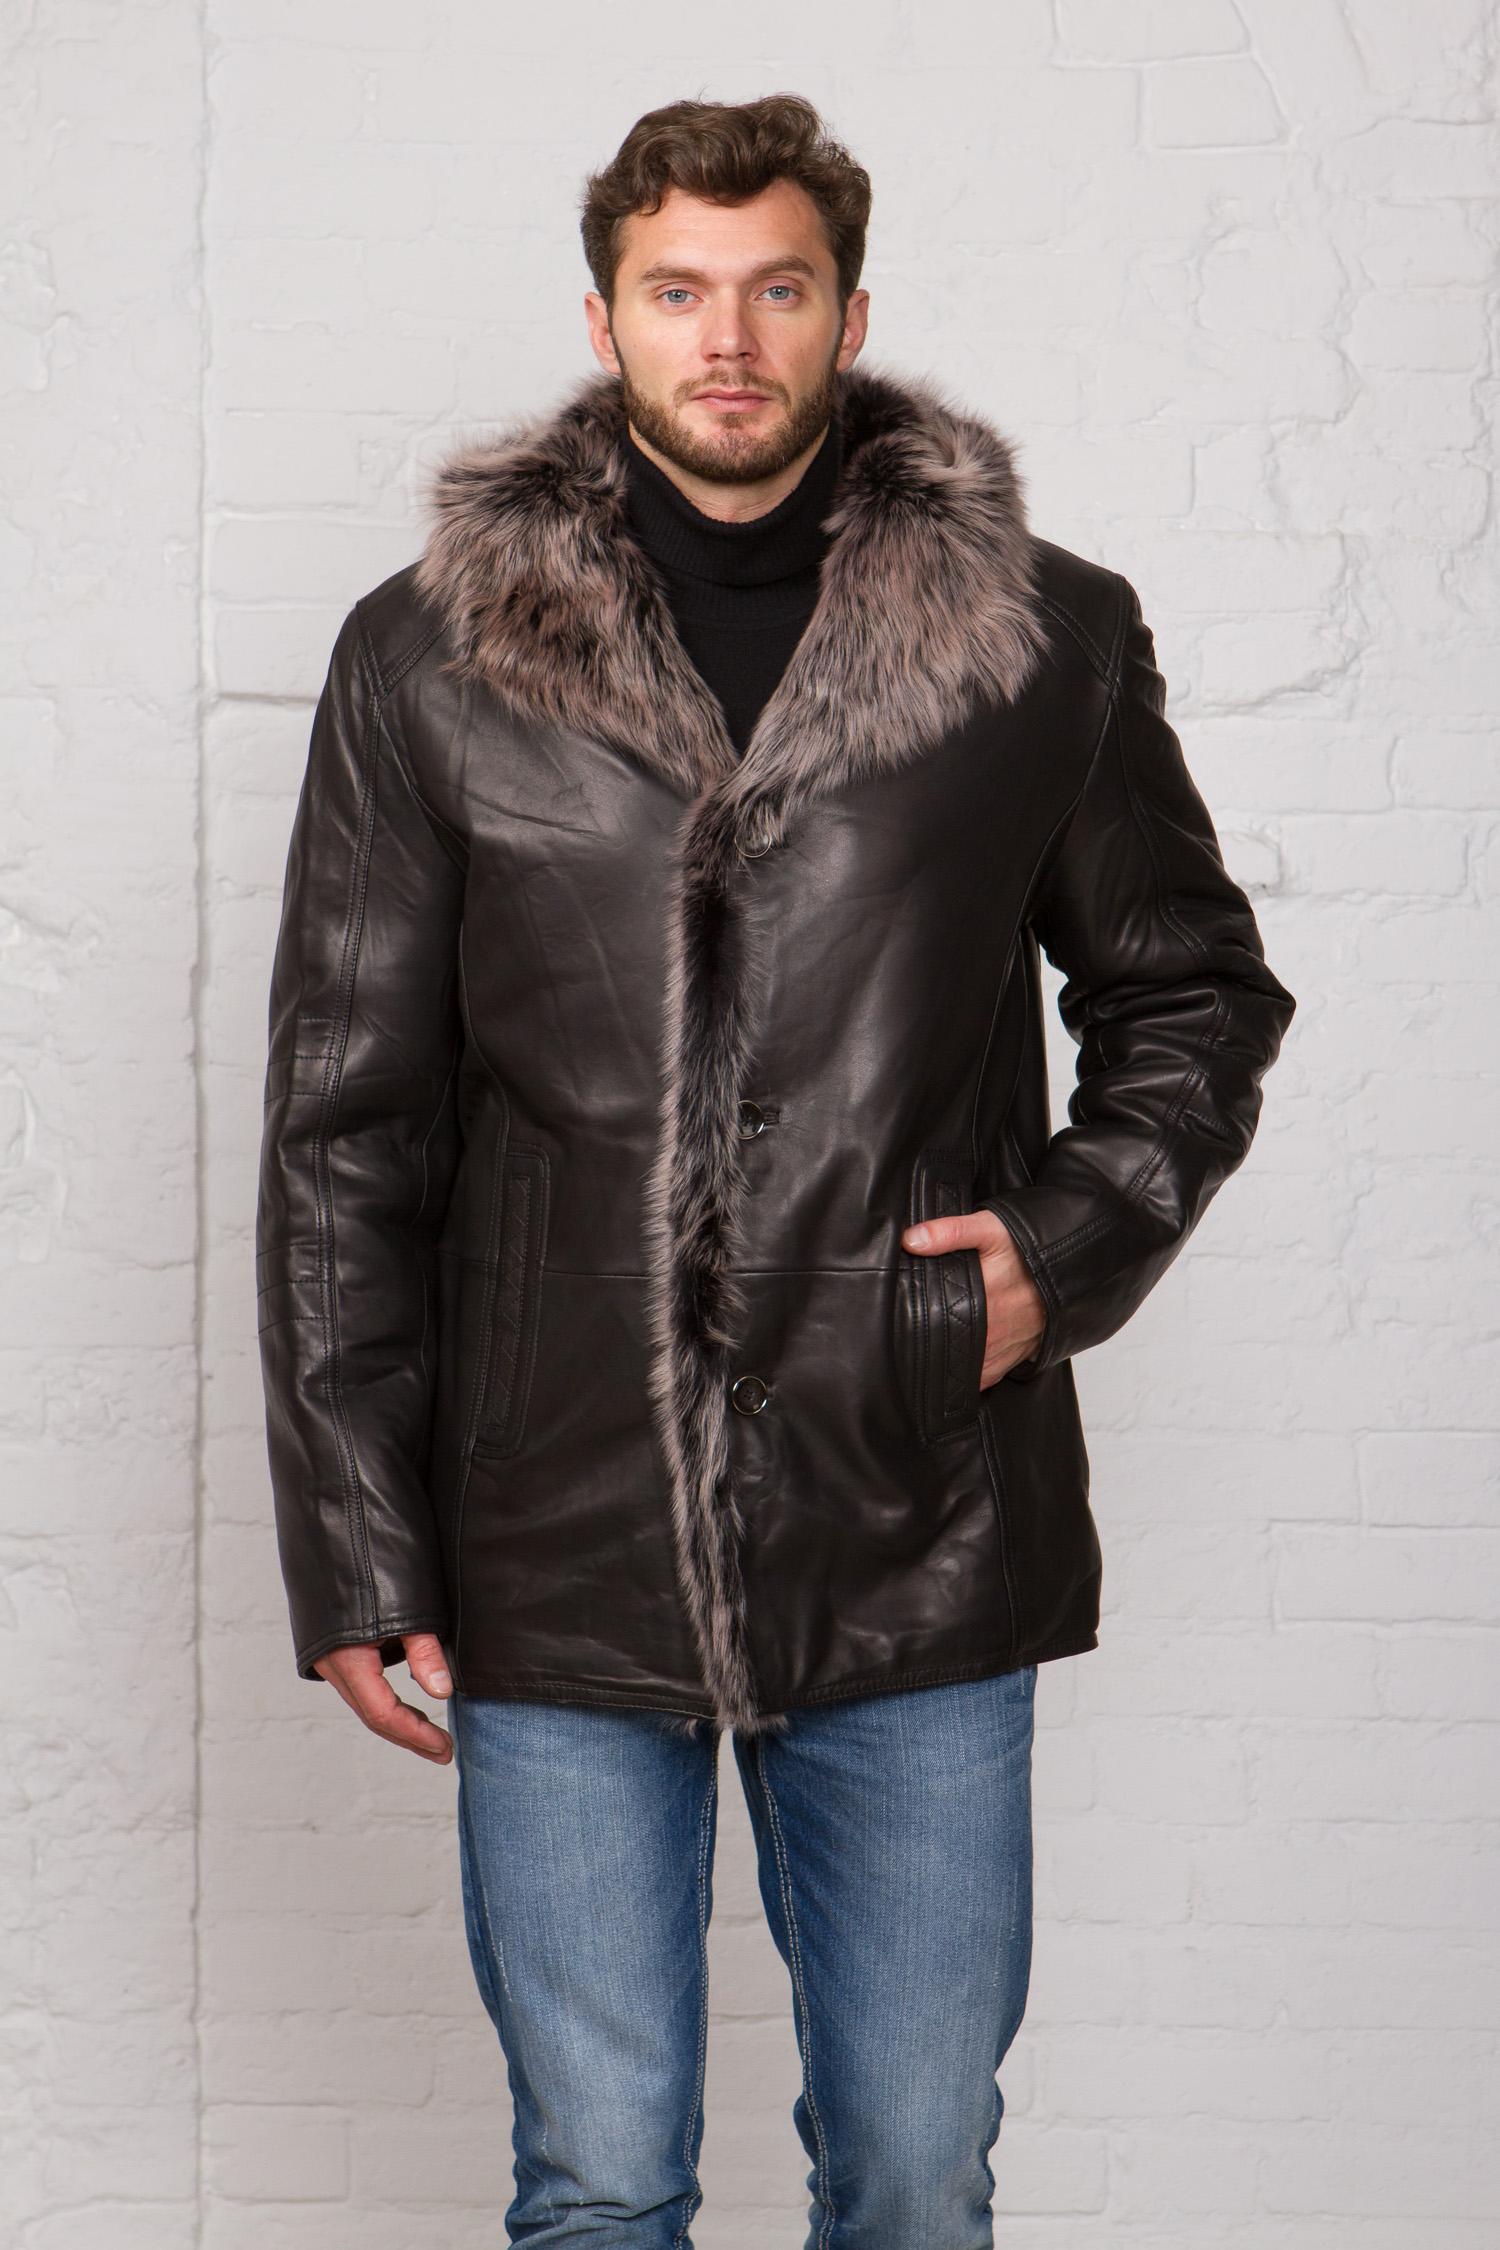 Мужская кожаная куртка из натуральной кожи на меху с капюшоном, отделка тоскана<br><br>Воротник: английский<br>Длина см: Средняя (75-89 )<br>Материал: Кожа овчина<br>Цвет: черный<br>Вид застежки: центральная<br>Застежка: на пуговицы<br>Пол: Мужской<br>Размер RU: 62